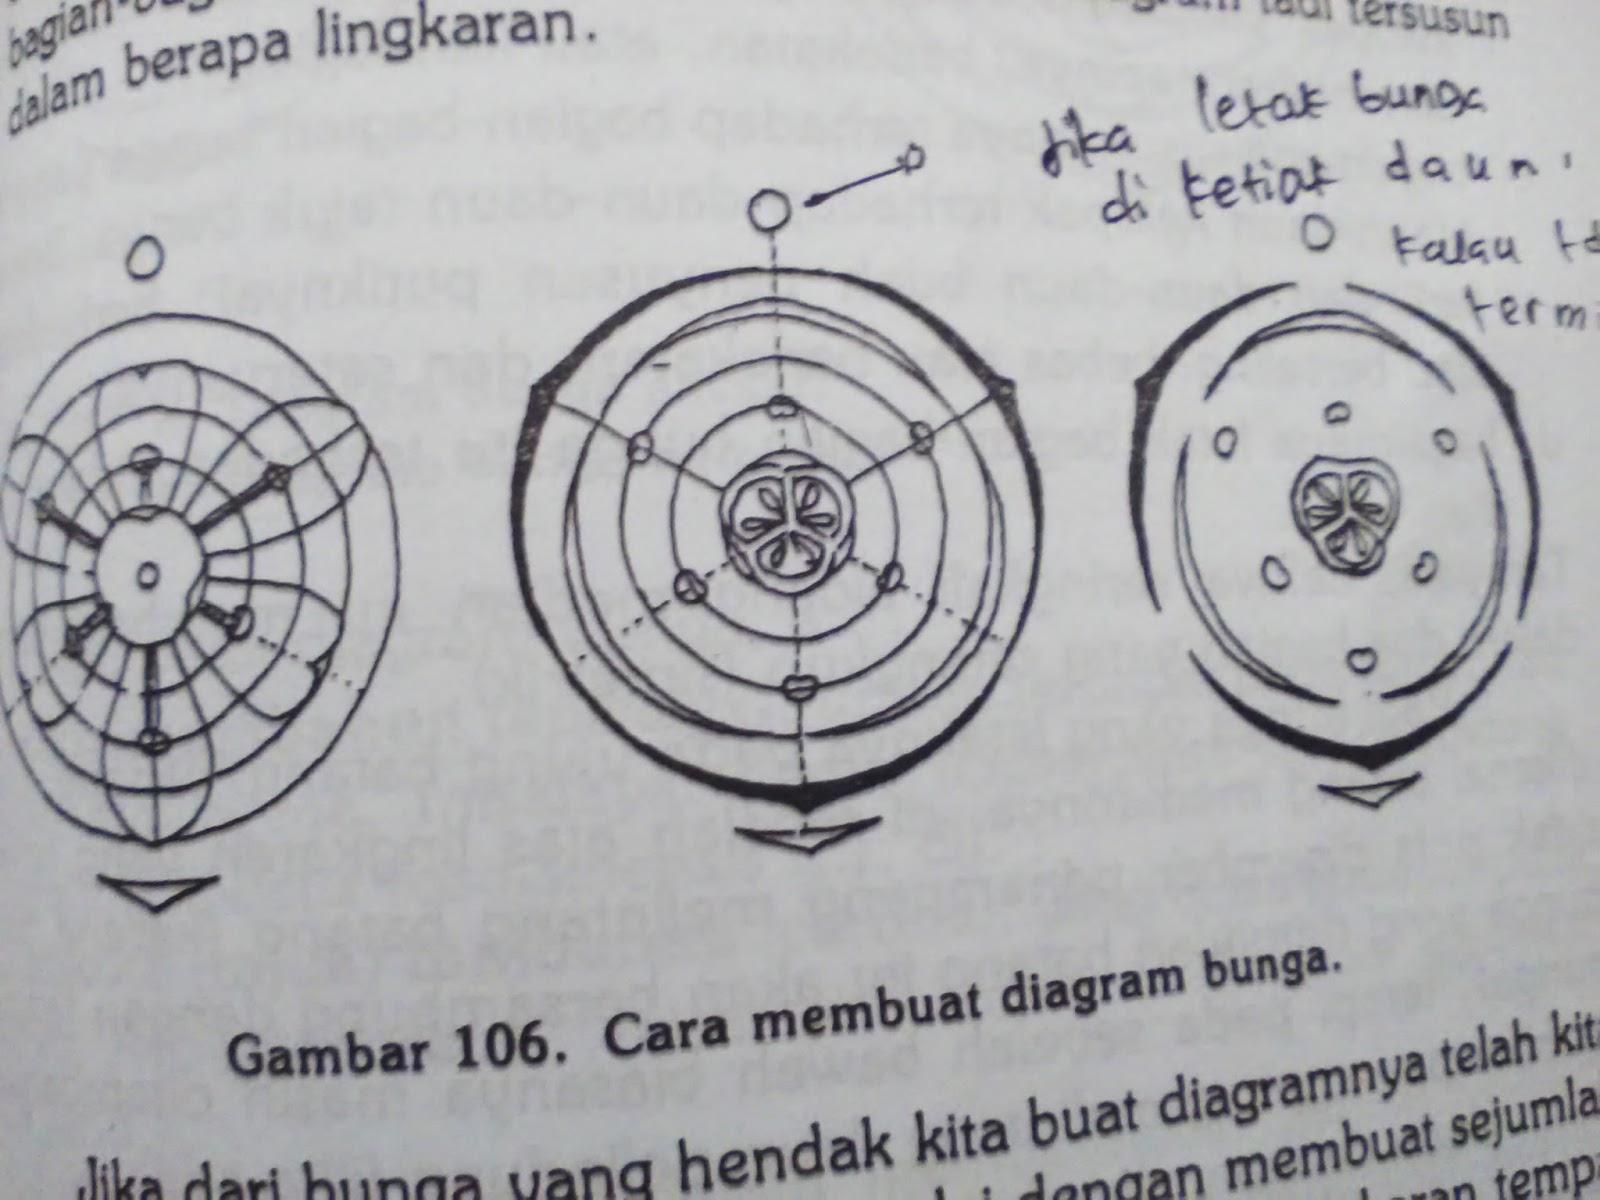 Morfologi tumbuhan jika dari bunga yang hendak kita buat diagramnya telah kita tentukan kedua hal tersebut kita mulai dengan membuat sejumlah lingkaran yang konsentris ccuart Image collections